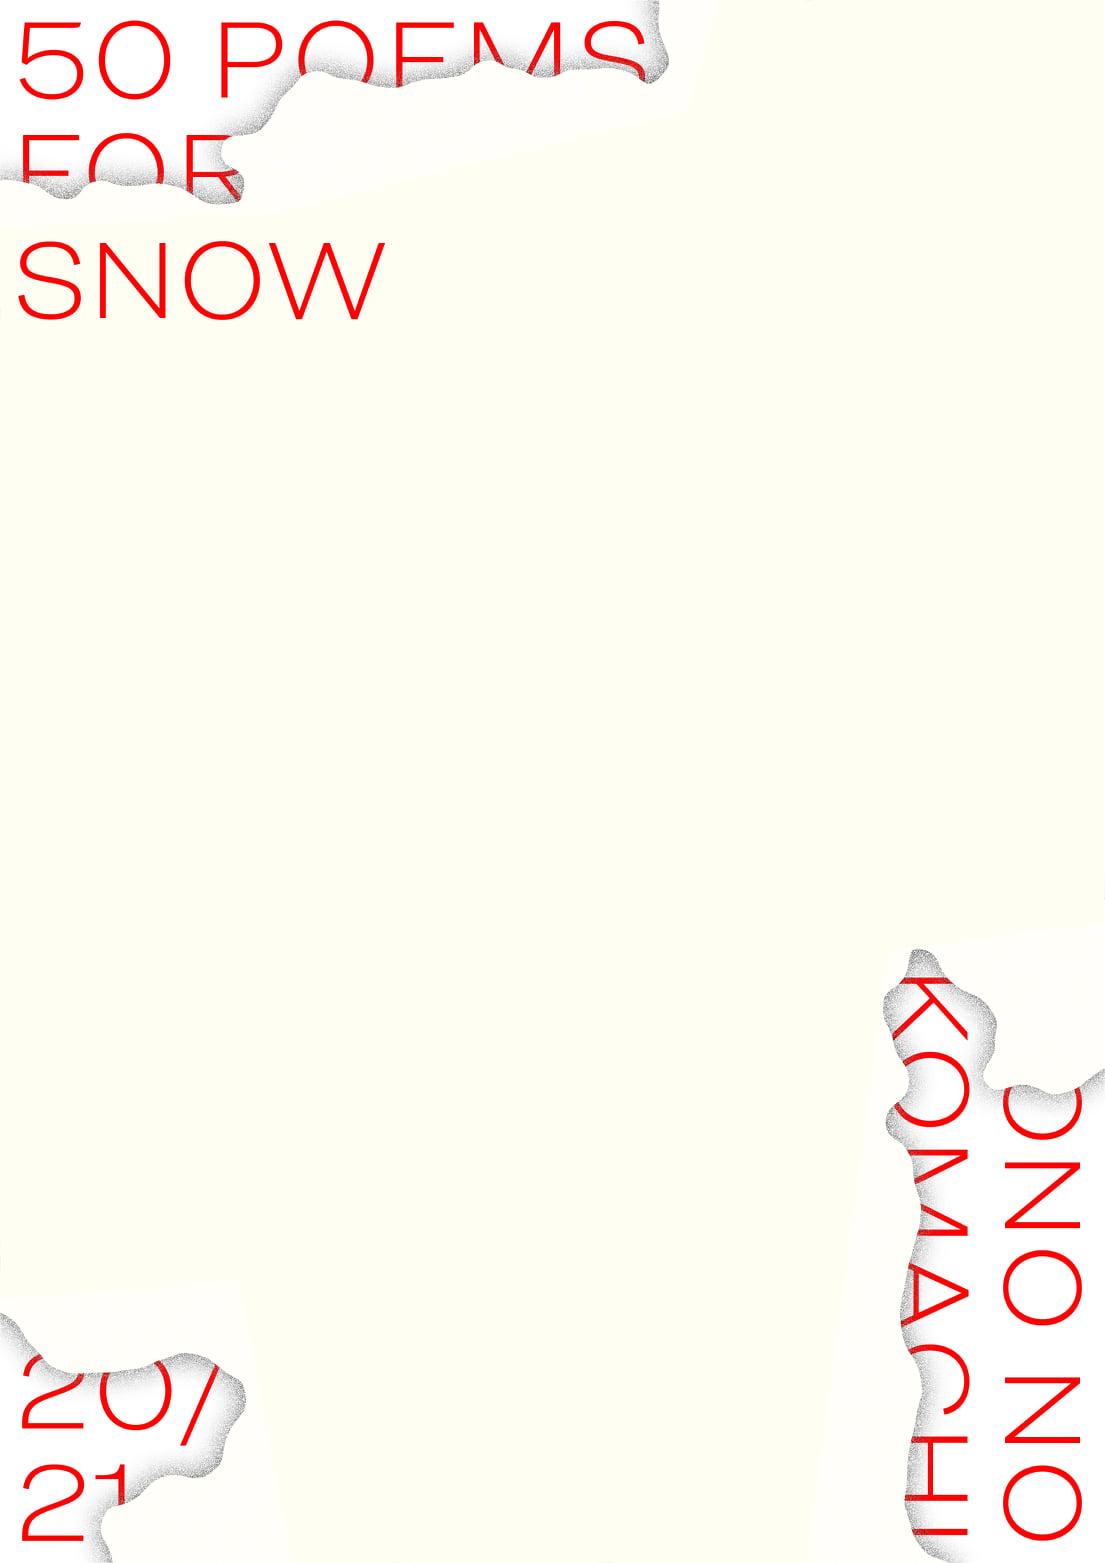 50 poems for snow – čitanje poezije na prvi dan snijega u našem gradu